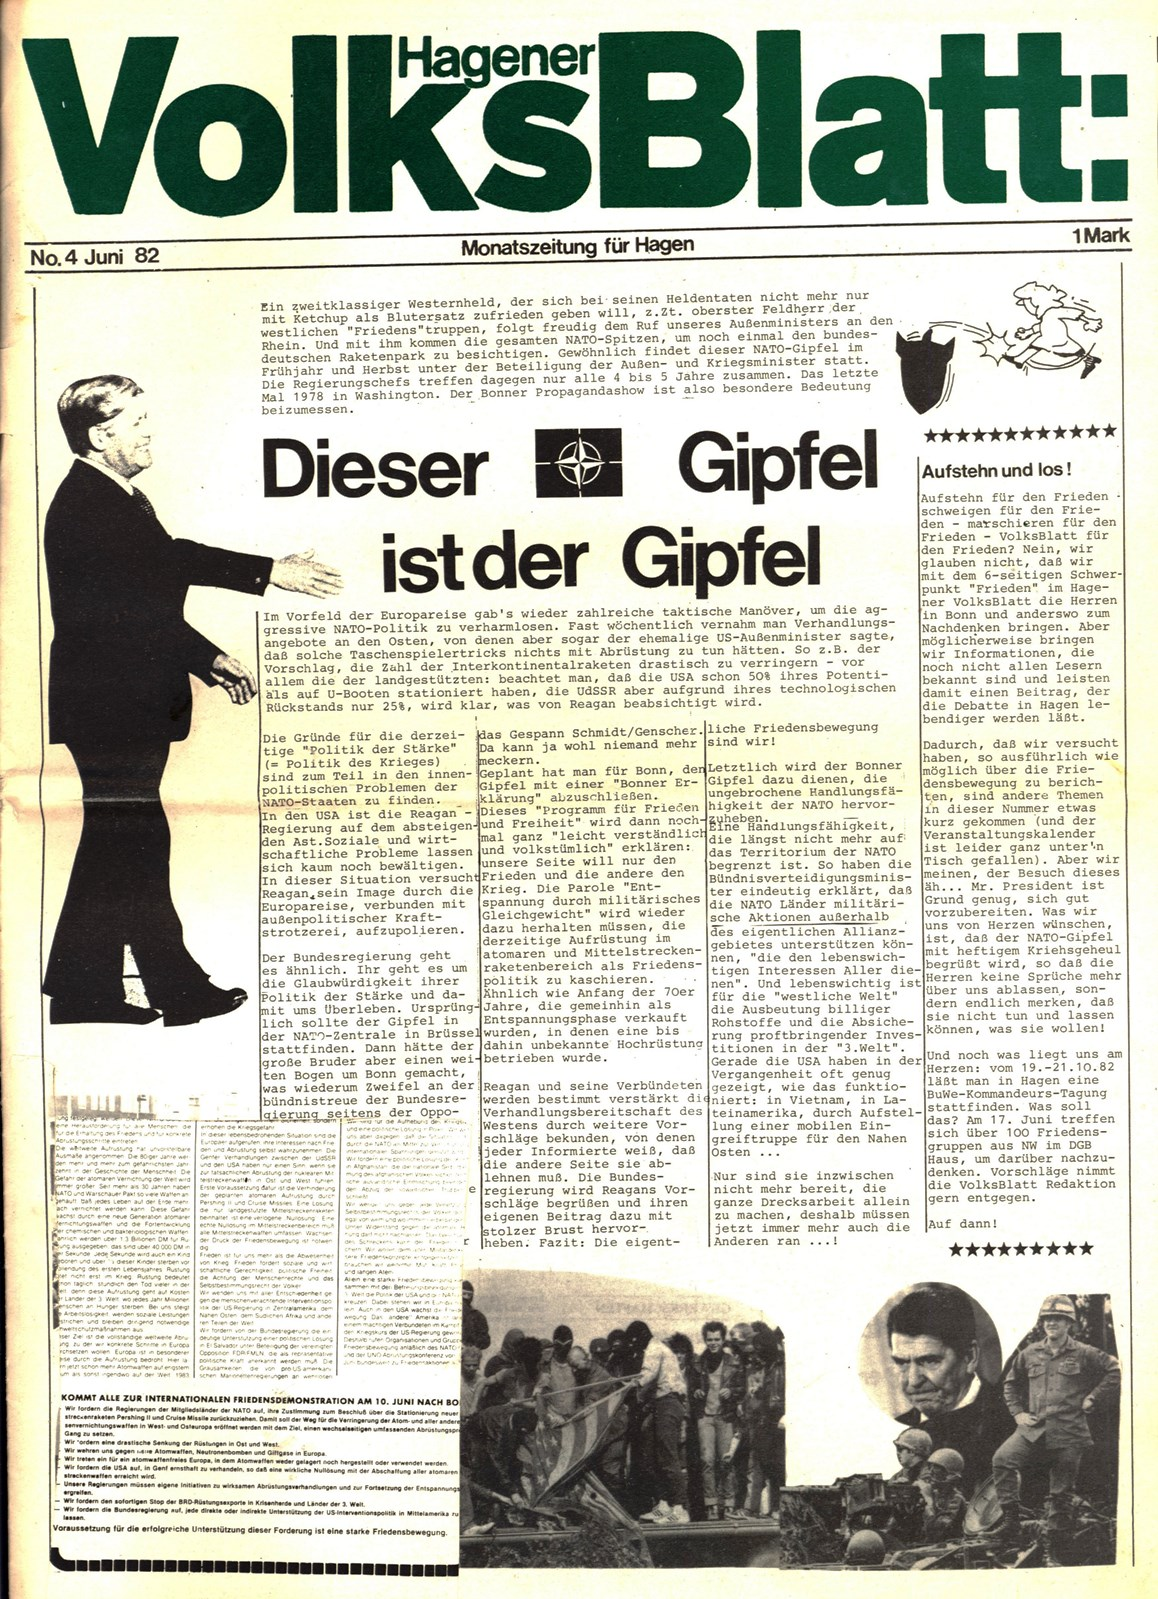 Hagen_Volksblatt_19820600_01